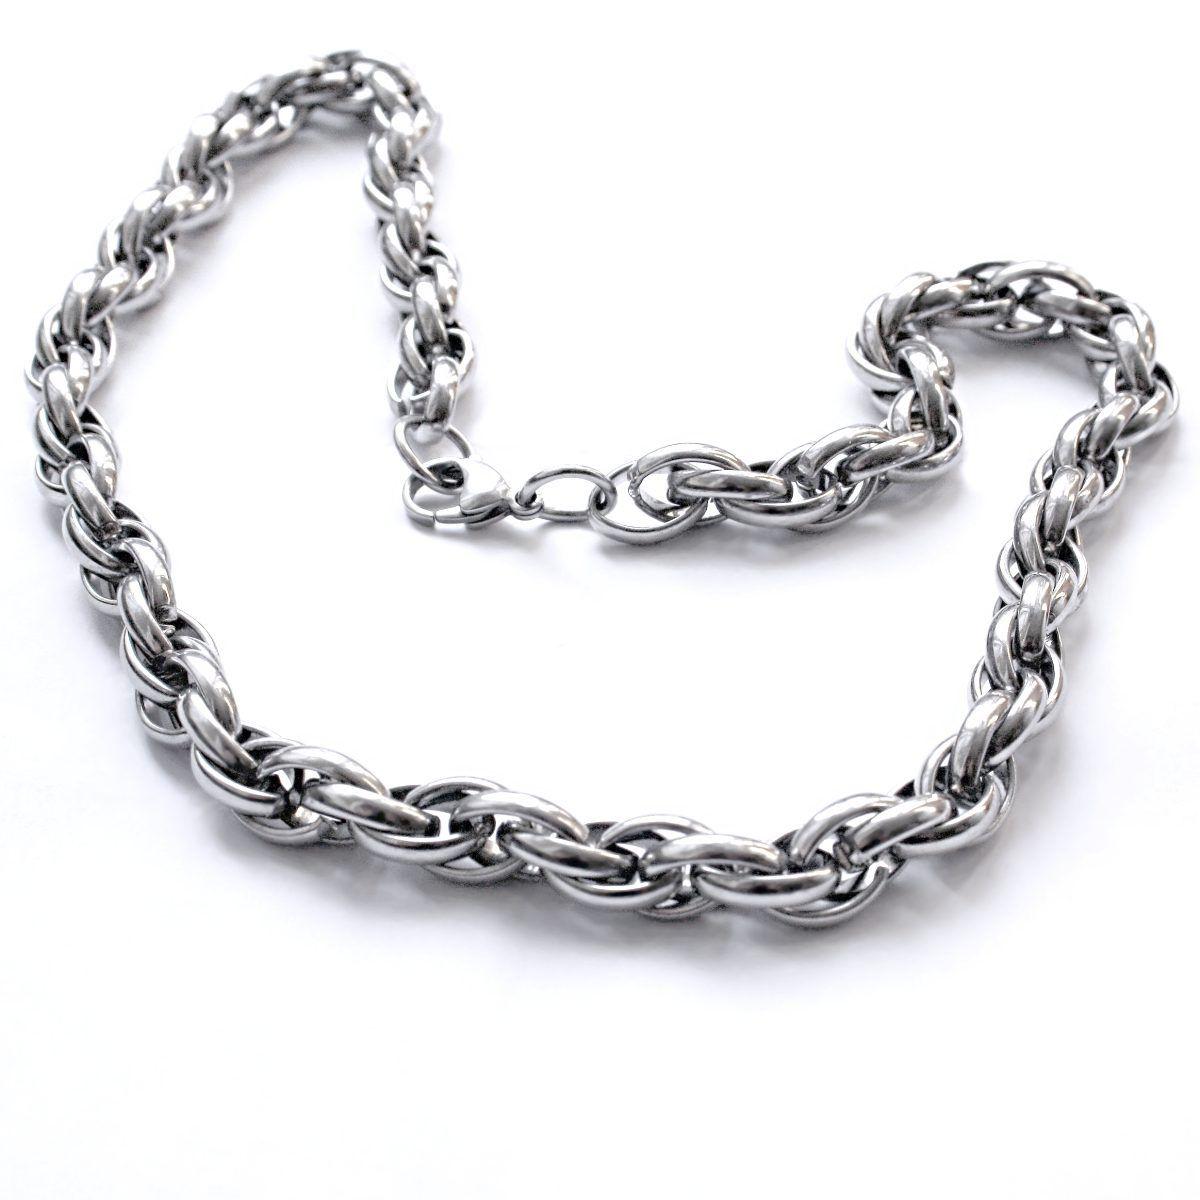 755e8934e #náhrdelník #chirurgická #ocel #316l #řetěz #exeed #chaun #necklace  #jewellery #fashion #móda #celtic #knot